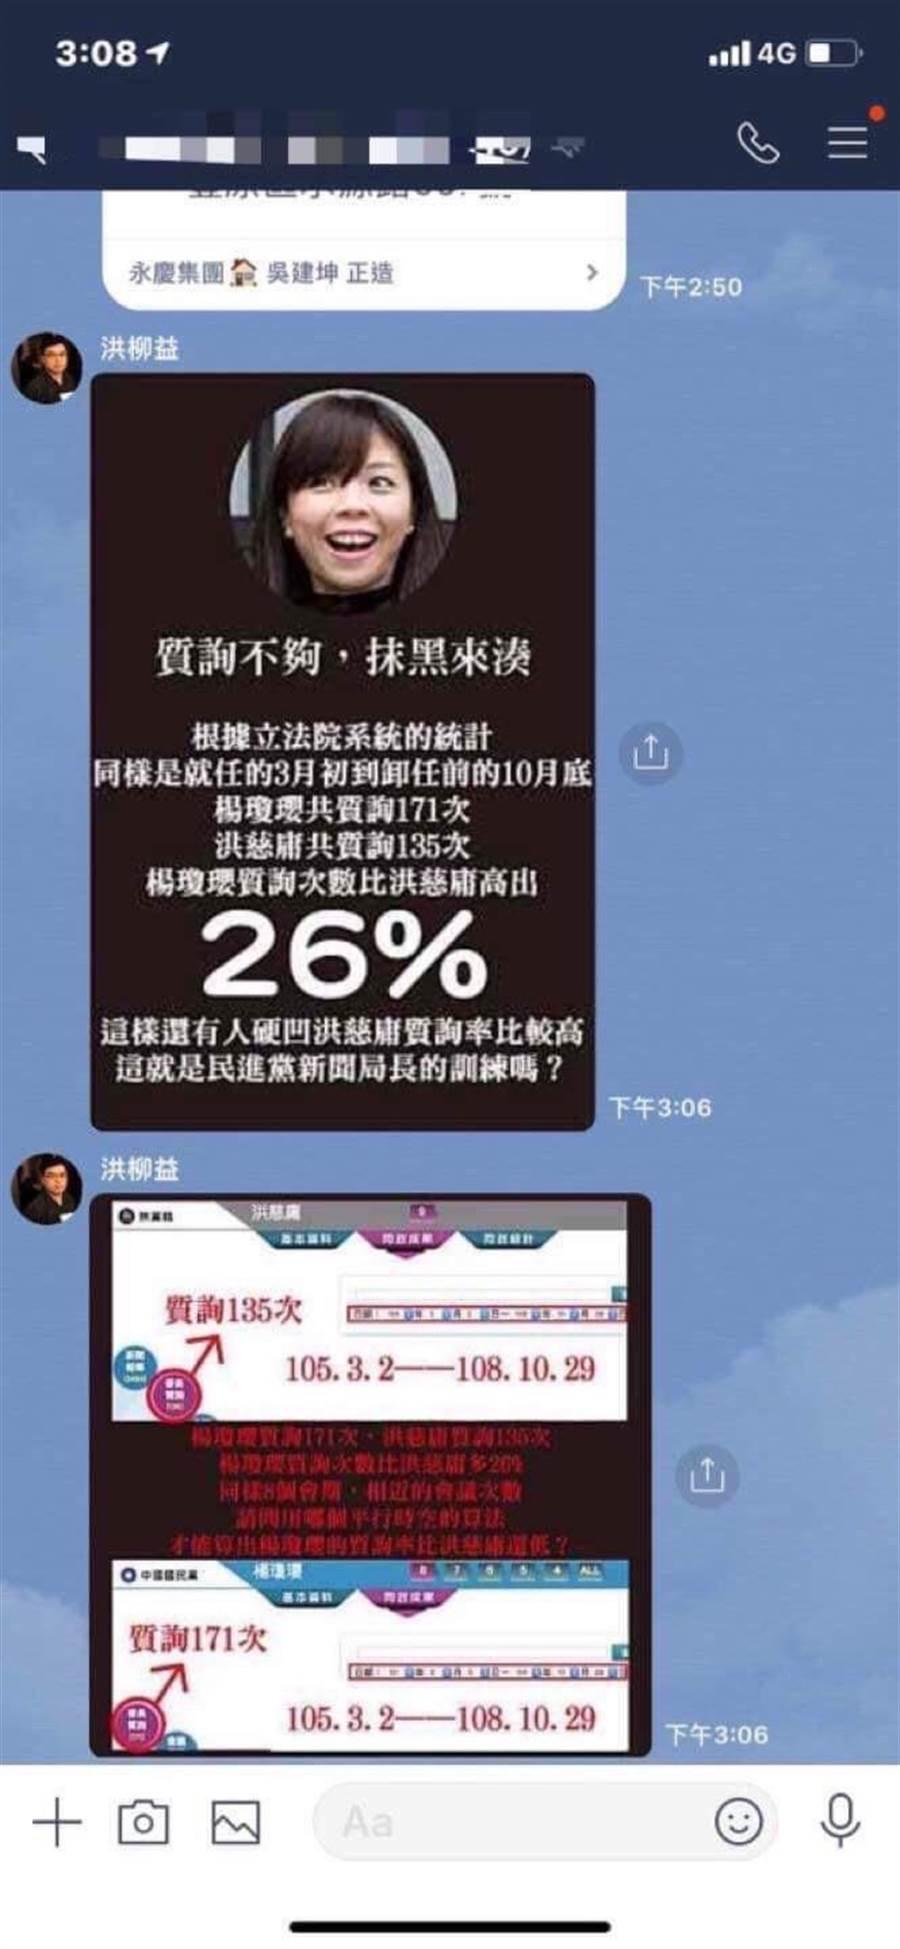 楊陣營在地方臉書貼圖回擊,讓對手暴跳。(洪慈庸競選總部提供)